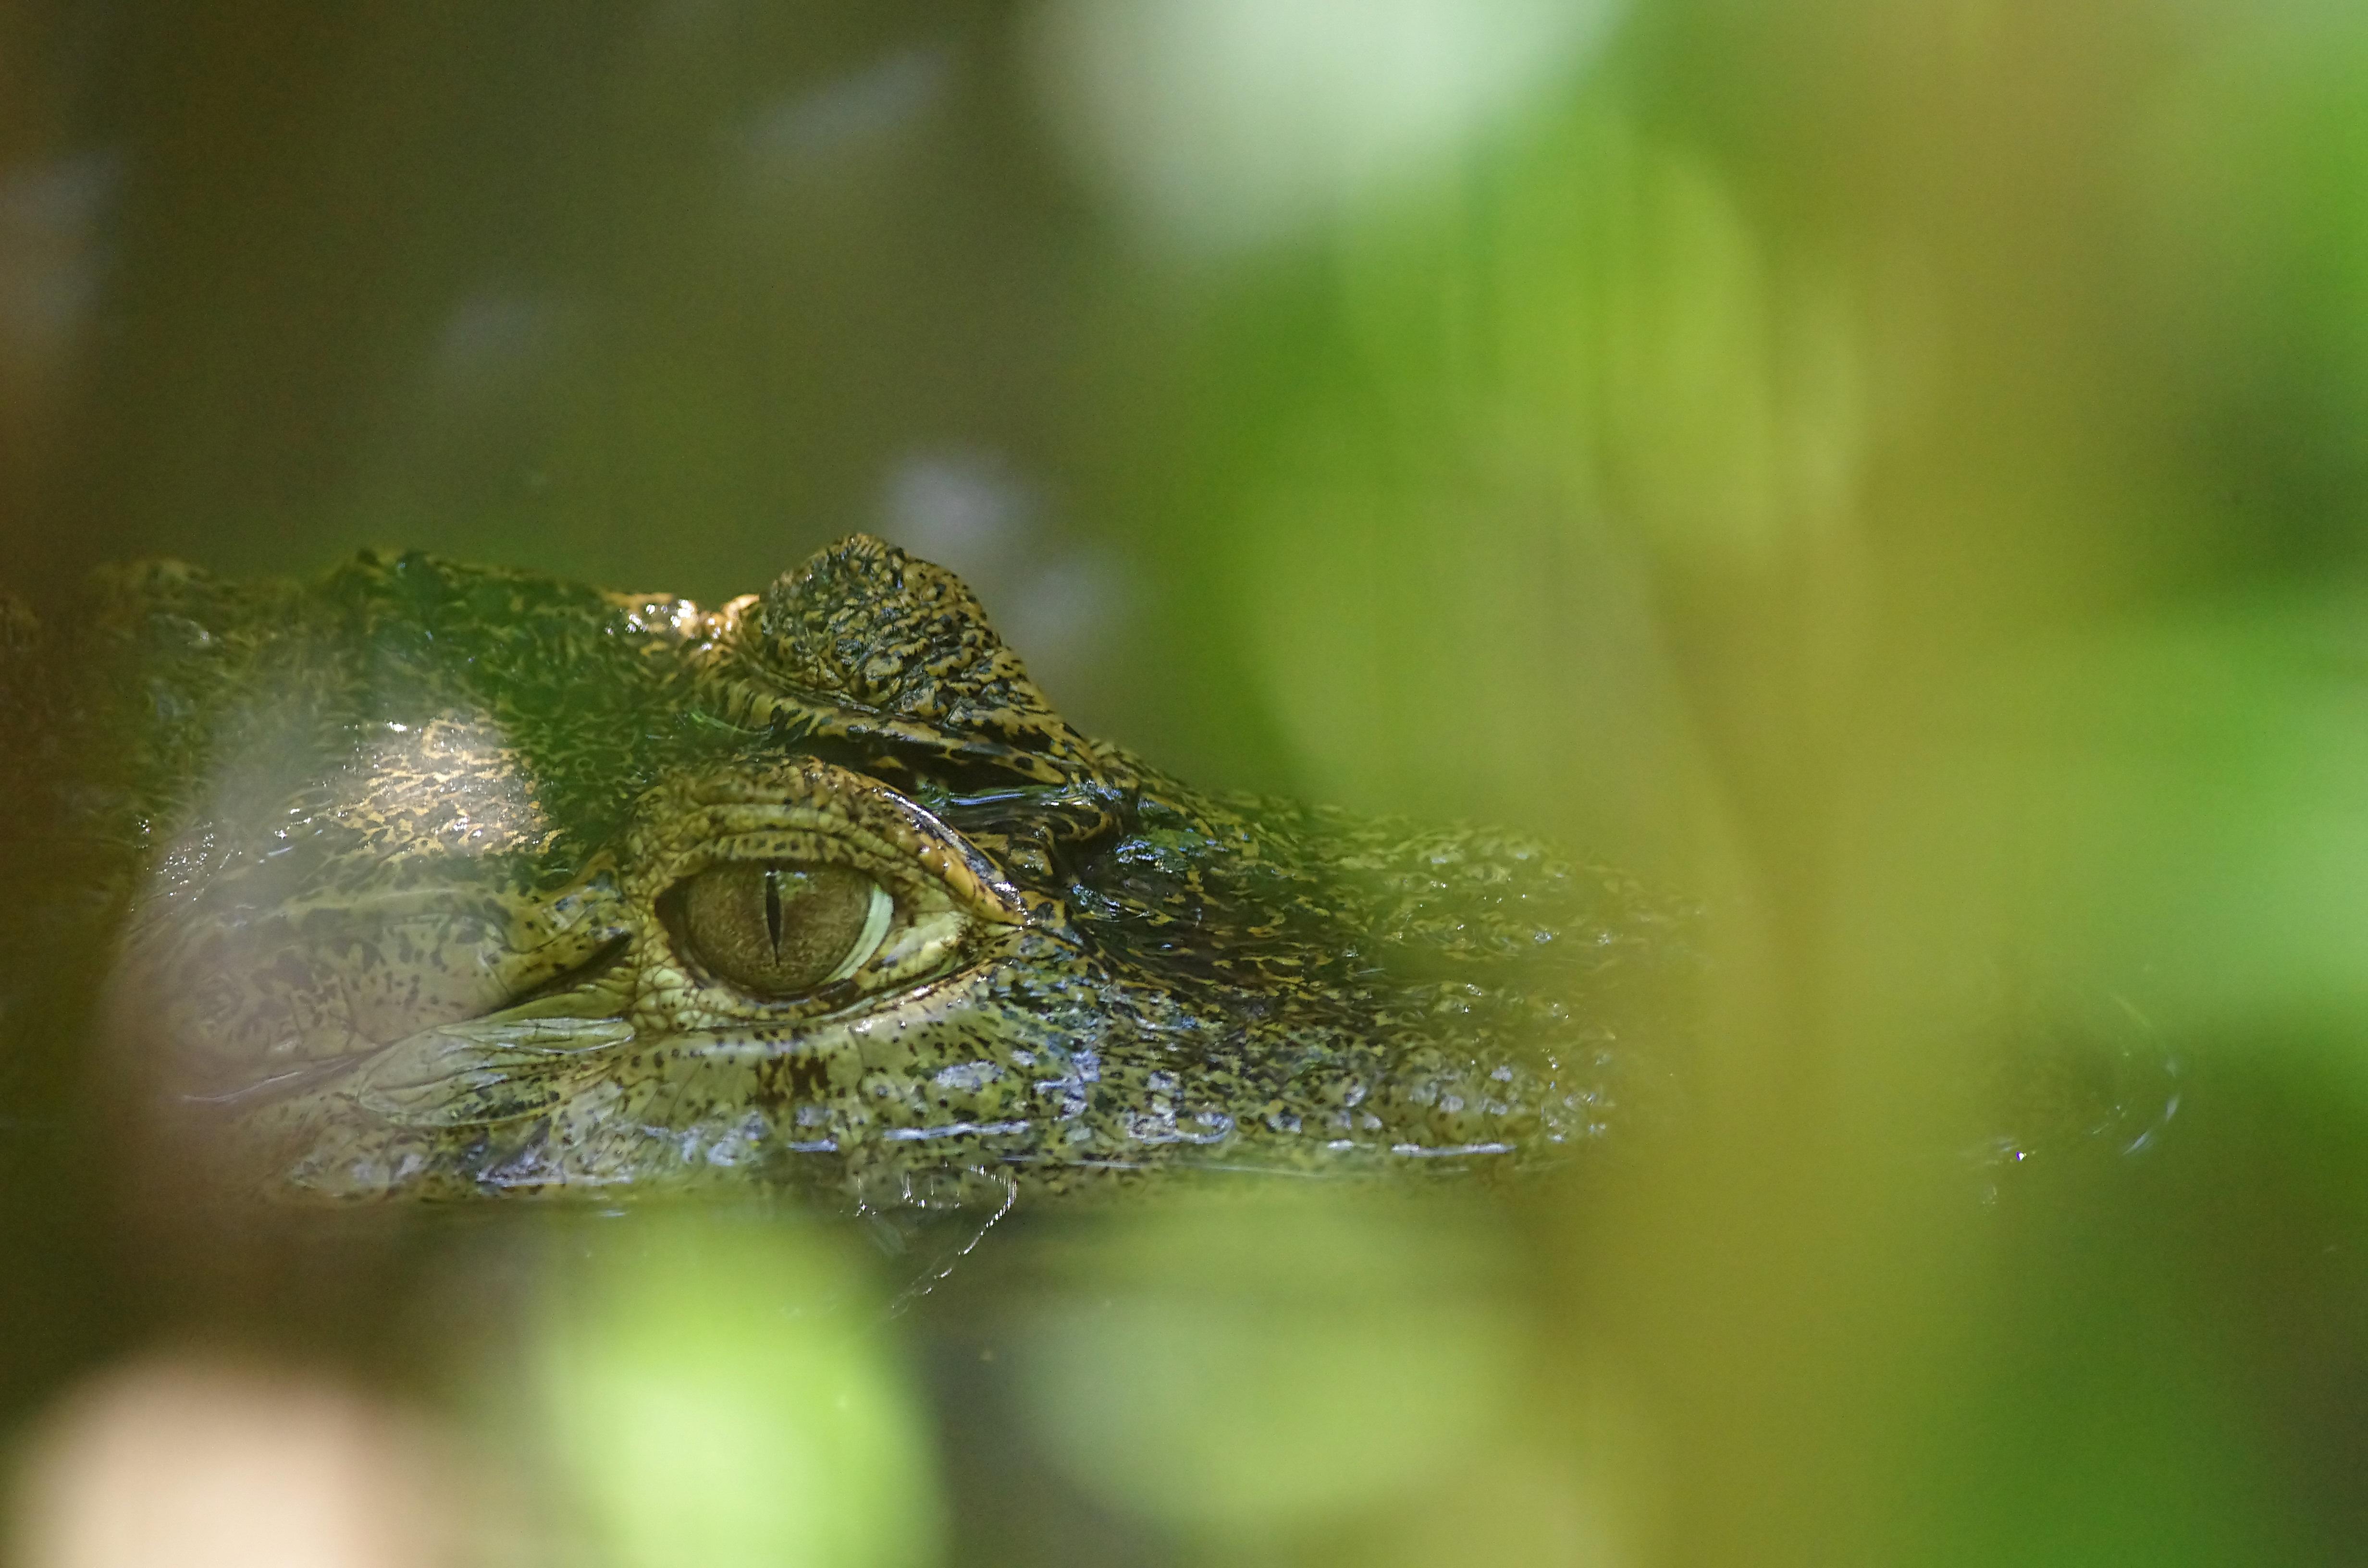 Crocodile green guyana